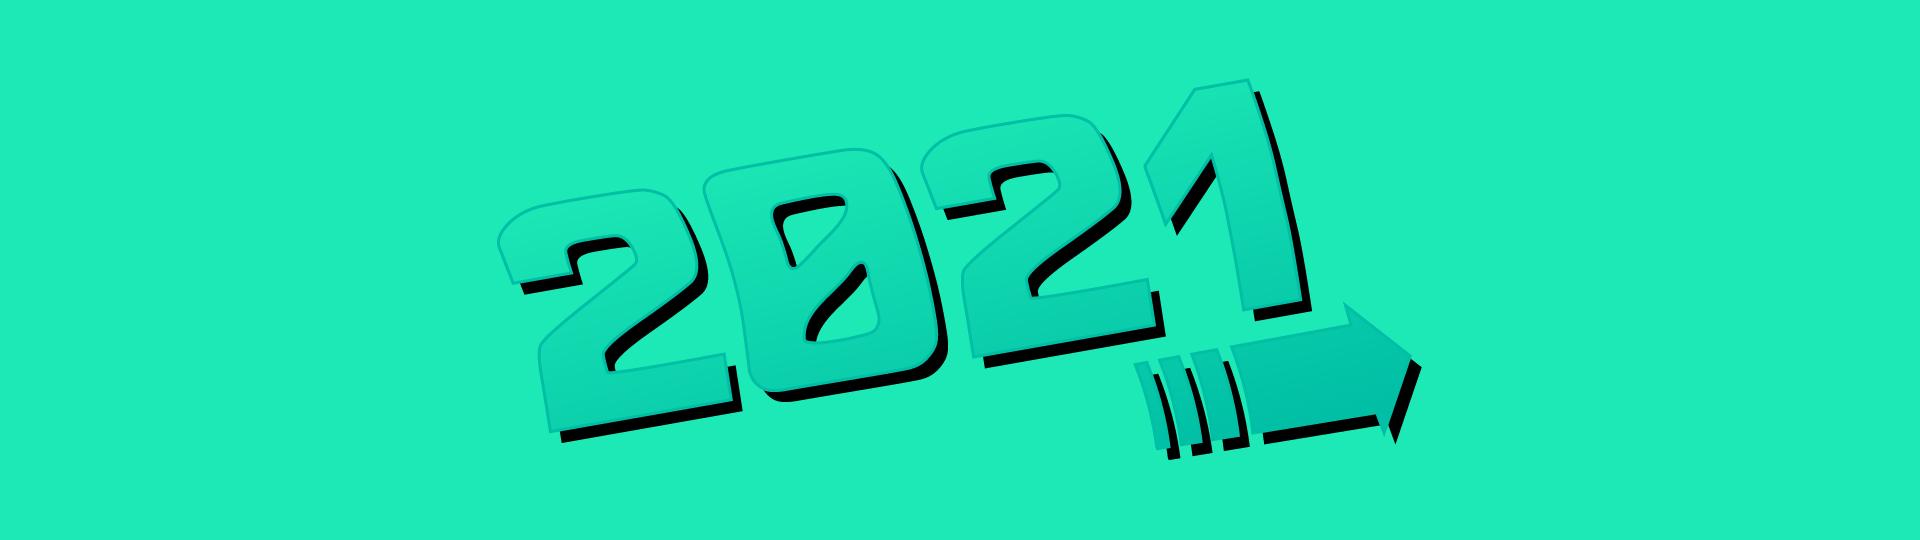 Costo sito web | Quanto costa un sito web | Prezzo siti web